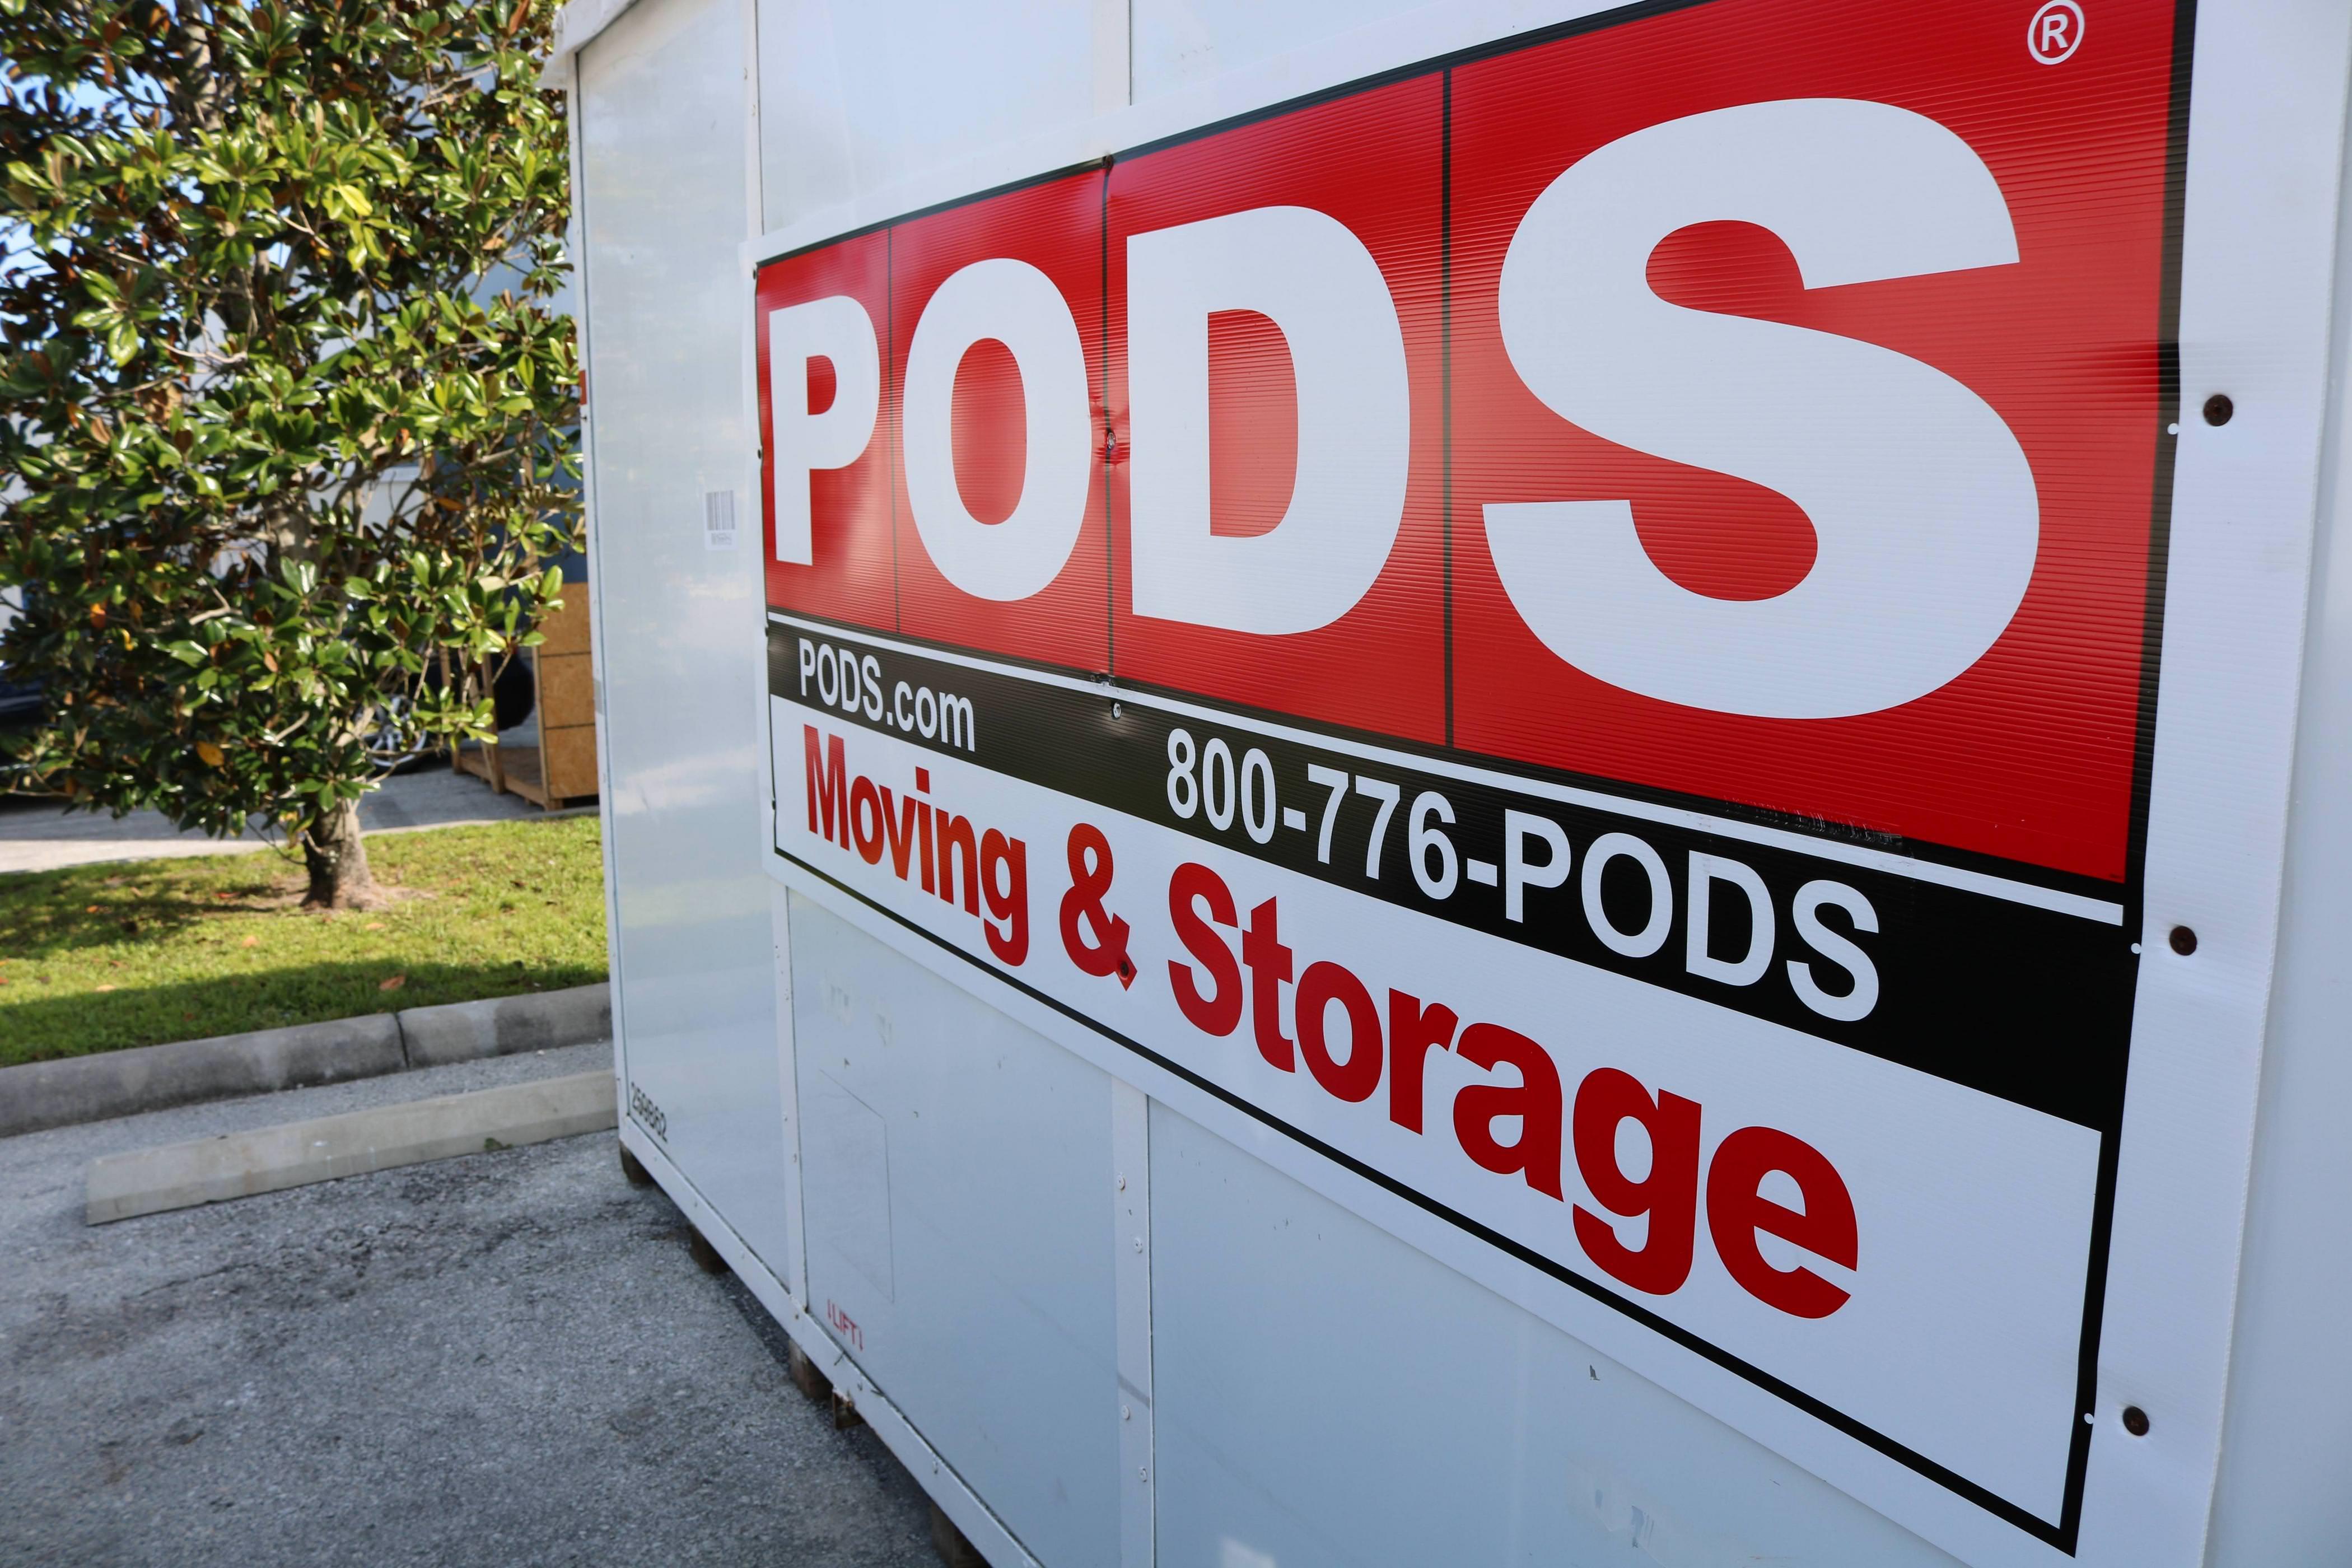 PODS - Grandview, MO